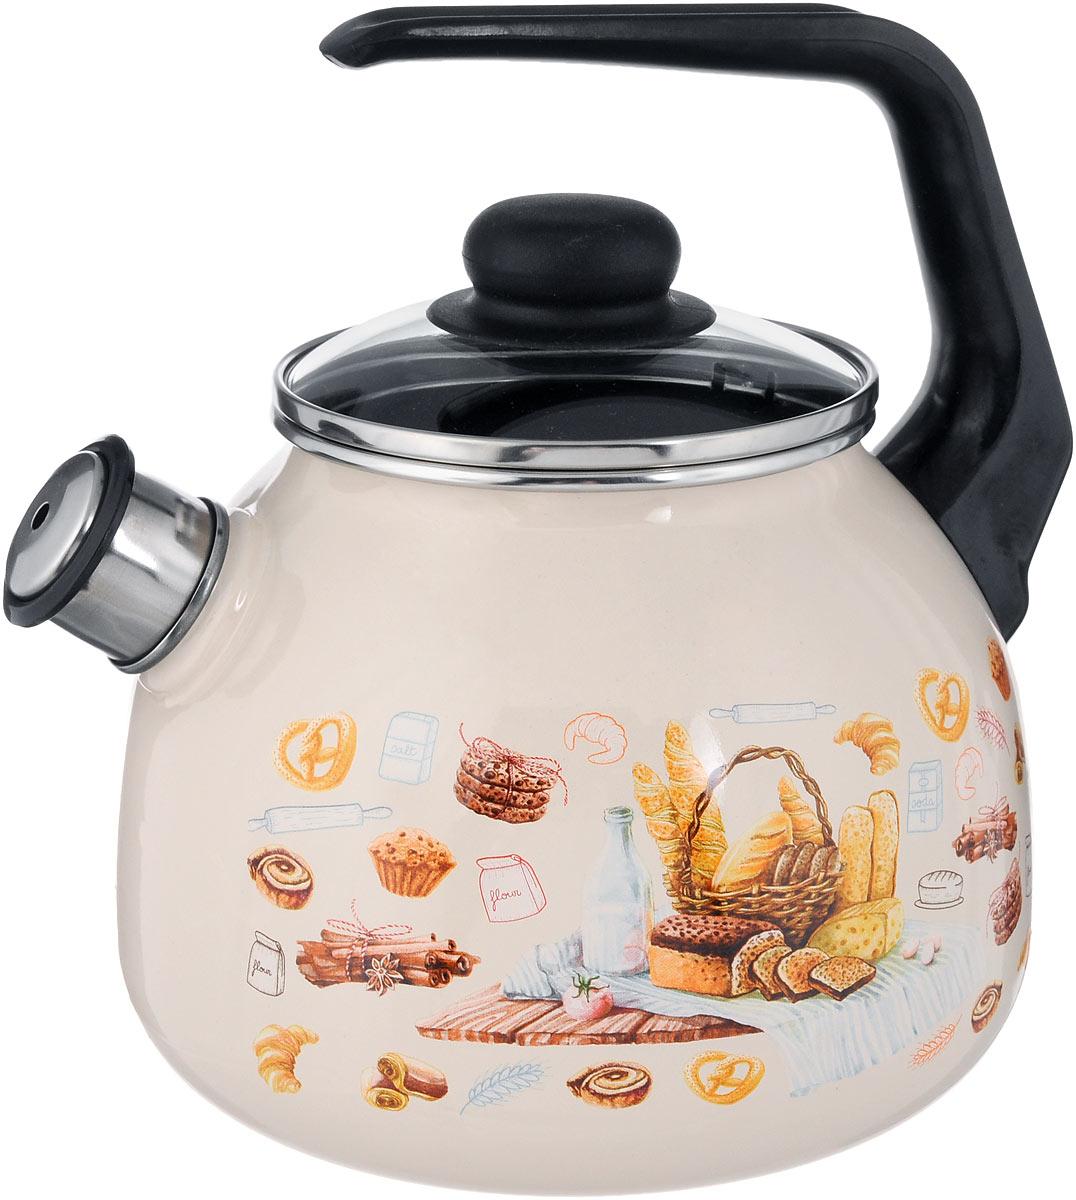 Чайник эмалированный СтальЭмаль Хлеб, со свистком, 3 л4с209/яЧайник СтальЭмаль Хлеб выполнен из высококачественного стального проката,покрытого двумя слоями жаропрочной эмали. Такое покрытие защищает сталь откоррозии, придает посуде гладкую стекловидную поверхность и надежнозащищает от кислот и щелочей. Носик чайника оснащен свистком, звуковой сигналкоторого подскажет, когда закипит вода. Чайник оснащен фиксированной ручкойиз пластика и стеклянной крышкой, которая плотно прилегает к краю благодаряособой конструкции. Внешние стенки декорированы красочным изображениемразличных хлебобулочных изделий.Эстетичный и функциональный чайник будет оригинально смотреться в любоминтерьере.Подходит для всех типов плит, включая индукционные. Можно мыть впосудомоечной машине.Диаметр (по верхнему краю): 12,5 см. Высота чайника (с учетом ручки): 24 см. Высота чайника (без учета ручки и крышки): 15 см.